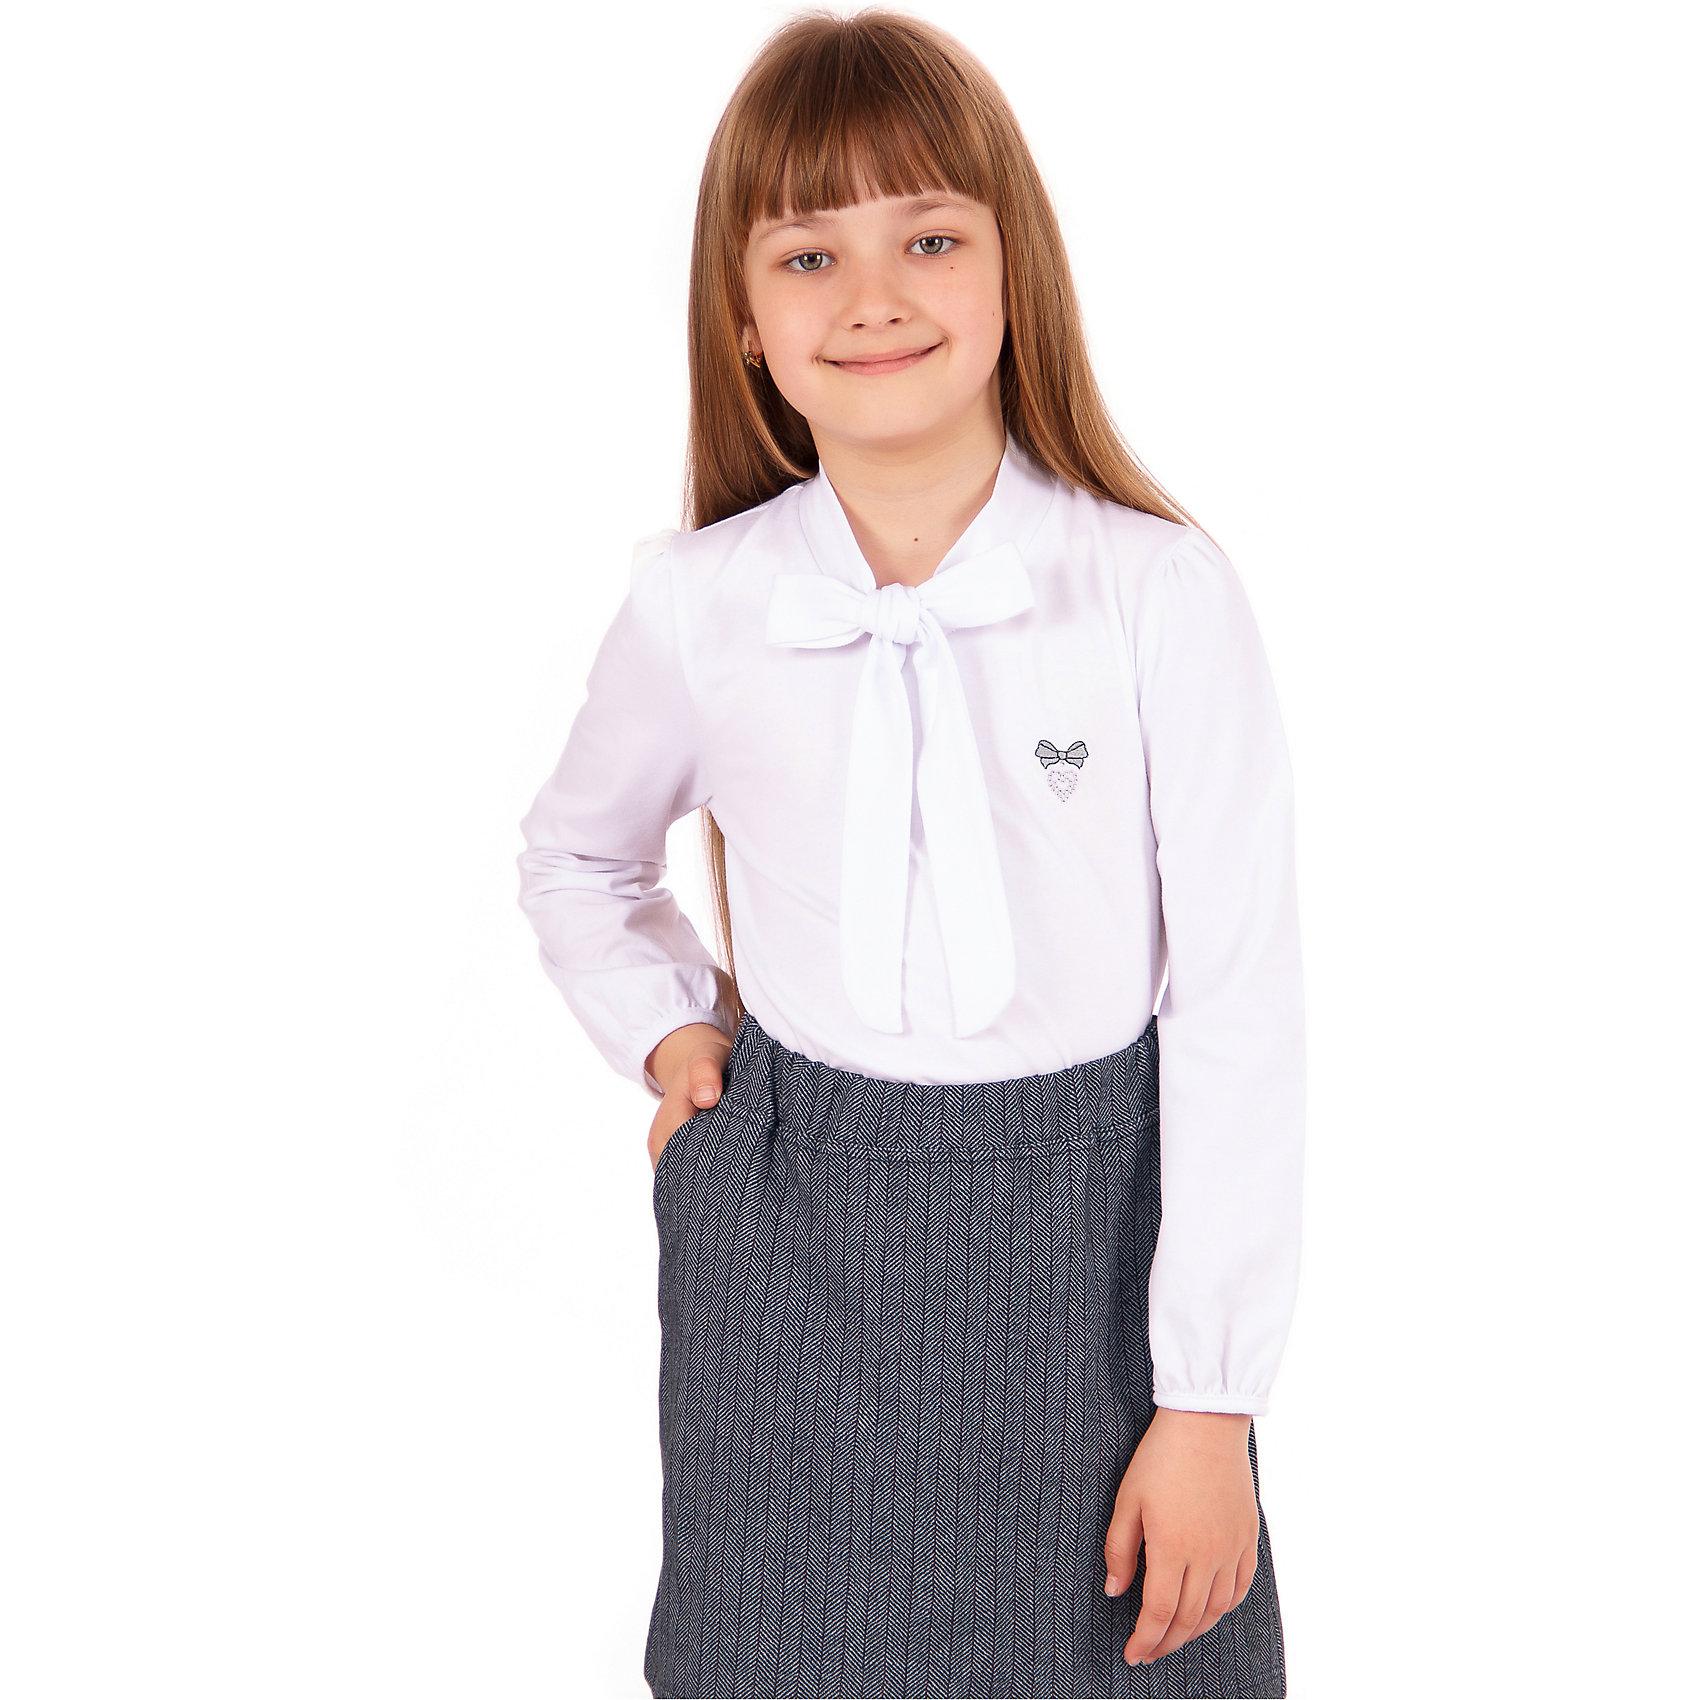 Блузка для девочки АпрельБлузки и рубашки<br>Характеристики товара:<br><br>• цвет: белый<br>• состав ткани: хлопок 92%, лайкра 8%<br>• особенности: школьная, нарядная<br>• длинные рукава<br>• воротник с бантом<br>• сезон: круглый год<br>• страна бренда: Россия<br>• страна изготовитель: Россия<br><br>Белая нарядная блузка с длинным рукавом для девочки Апрель поможет украсить любой наряд. Школьная одежда от компании Апрель - это удобно и красиво.<br><br>Школьная блузка украшена бантом и вышивкой. Это - отличный вариант удобной и стильной школьной одежды. <br><br>Блузку для девочки Апрель можно купить в нашем интернет-магазине.<br><br>Ширина мм: 186<br>Глубина мм: 87<br>Высота мм: 198<br>Вес г: 197<br>Цвет: белый<br>Возраст от месяцев: 120<br>Возраст до месяцев: 132<br>Пол: Женский<br>Возраст: Детский<br>Размер: 146,116,122,128,134,140<br>SKU: 6942158